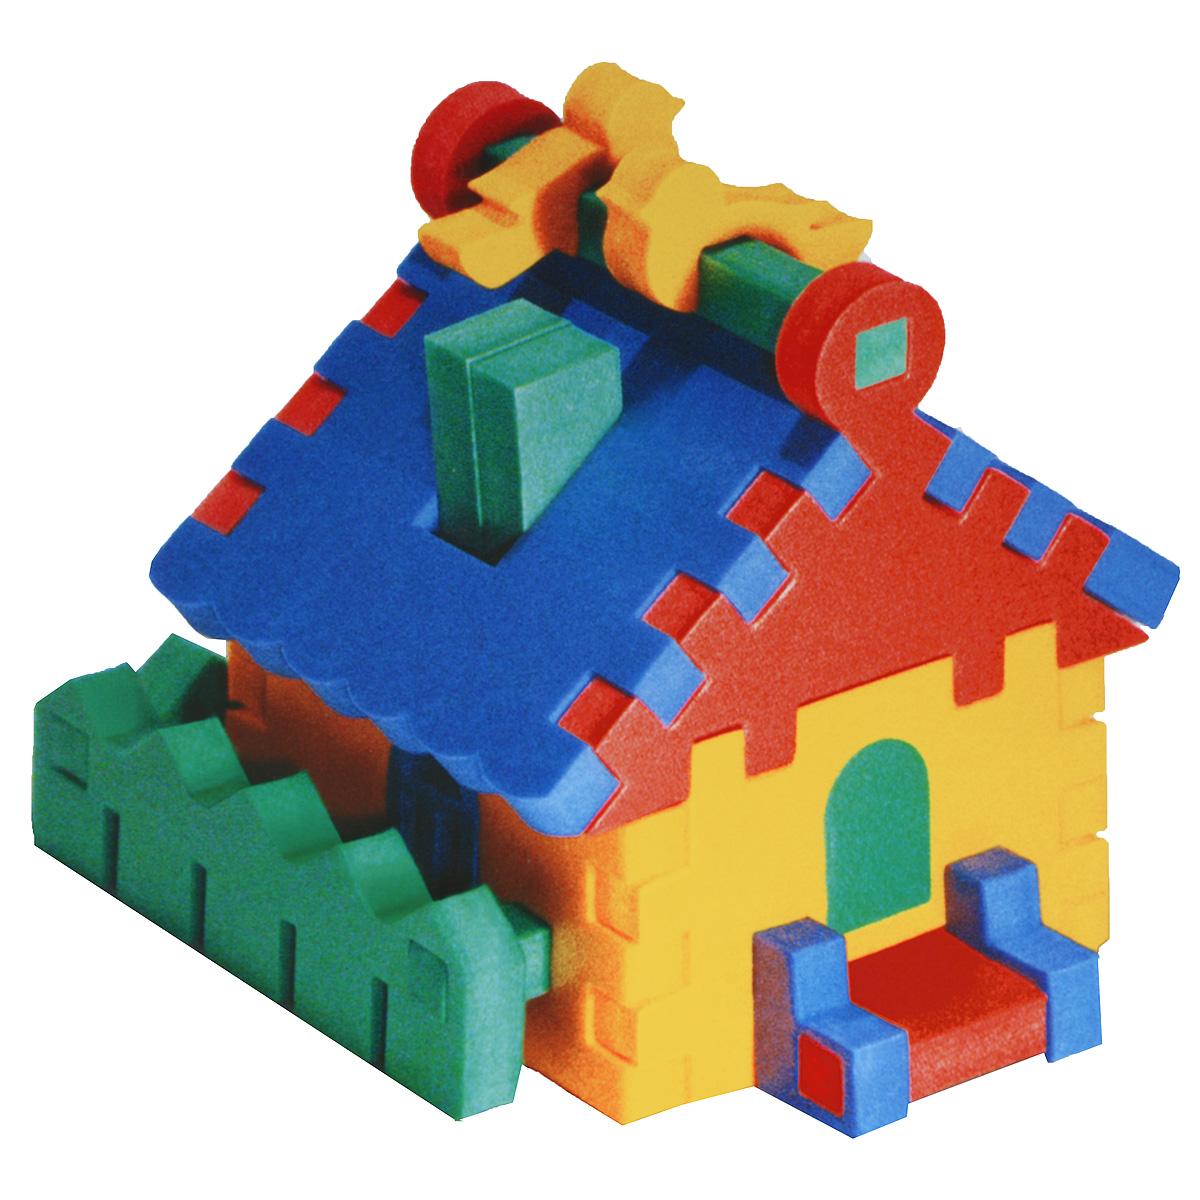 """Мягкий конструктор-пирамидка """"Домик"""" привлечет внимание малыша и не позволит ему скучать. Элементы конструктора выполнены из мягкого, эластичного, прочного материала, который обеспечивает большую долговечность и является абсолютно безопасным для детей. Благодаря особой структуре и свойству материала прилипать к мокрой поверхности, конструктор является идеальной игрушкой для ванны и сделает процесс купания приятной забавой для ребенка. Мягкий конструктор разовьет у ребенка память, воображение, моторику, пространственное и логическое мышление. Порадуйте его таким замечательным подарком!"""